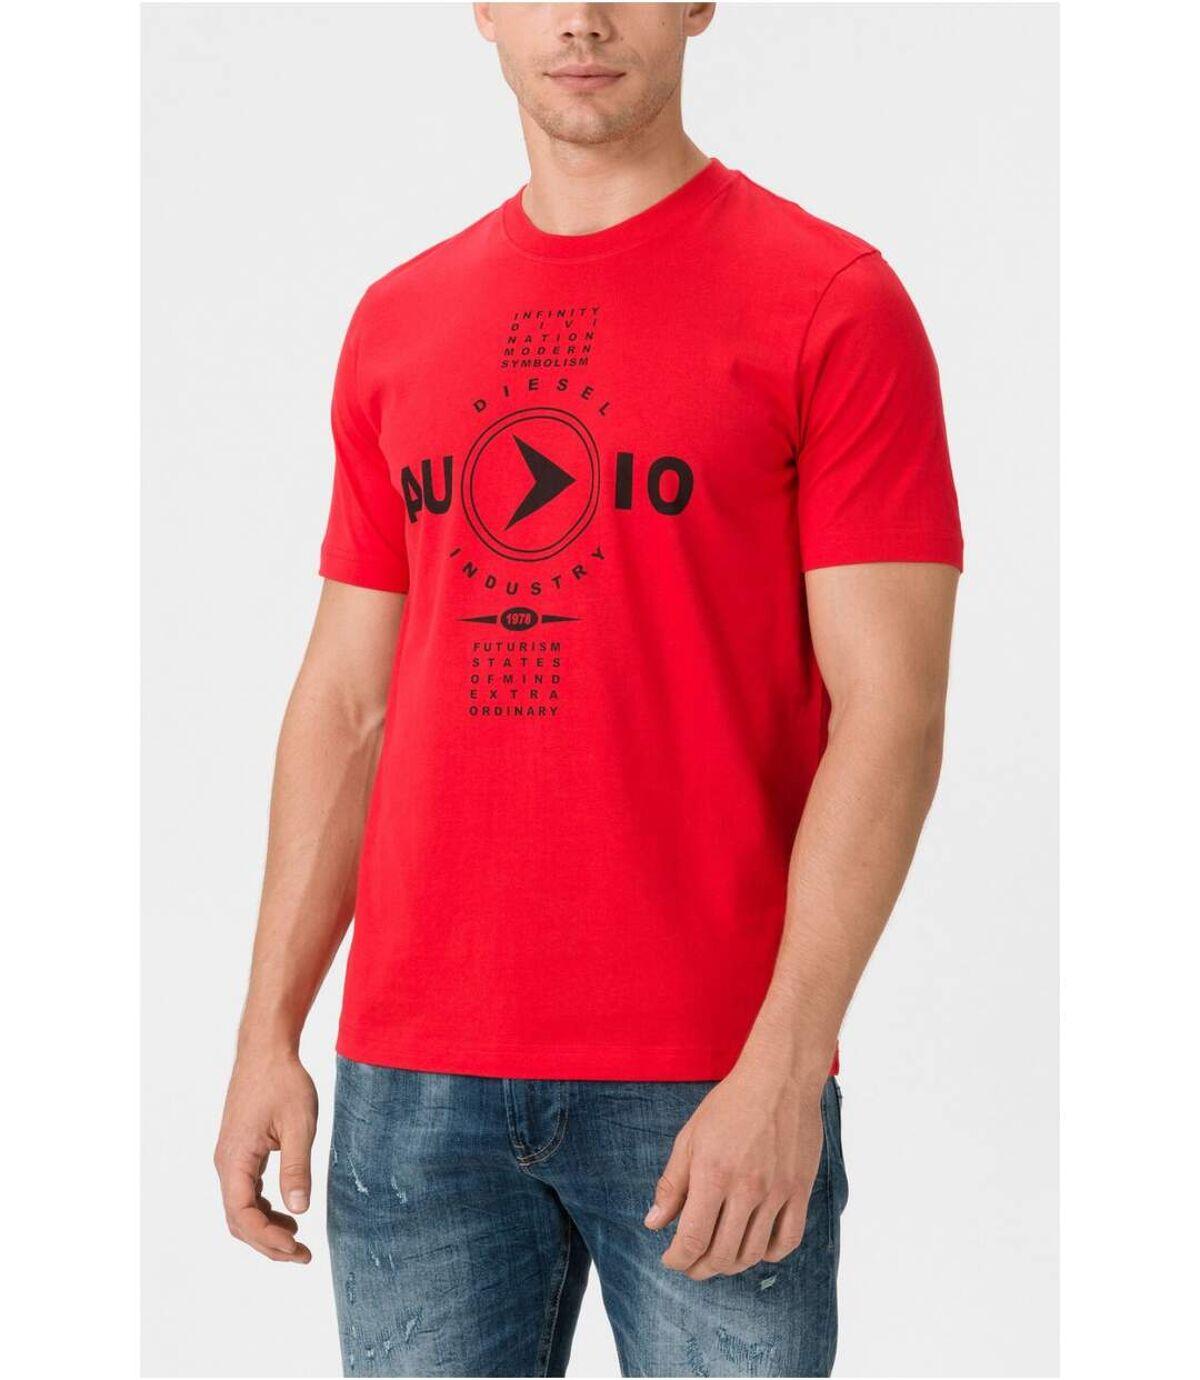 Tee shirt coton imprimé  -  Diesel - Homme